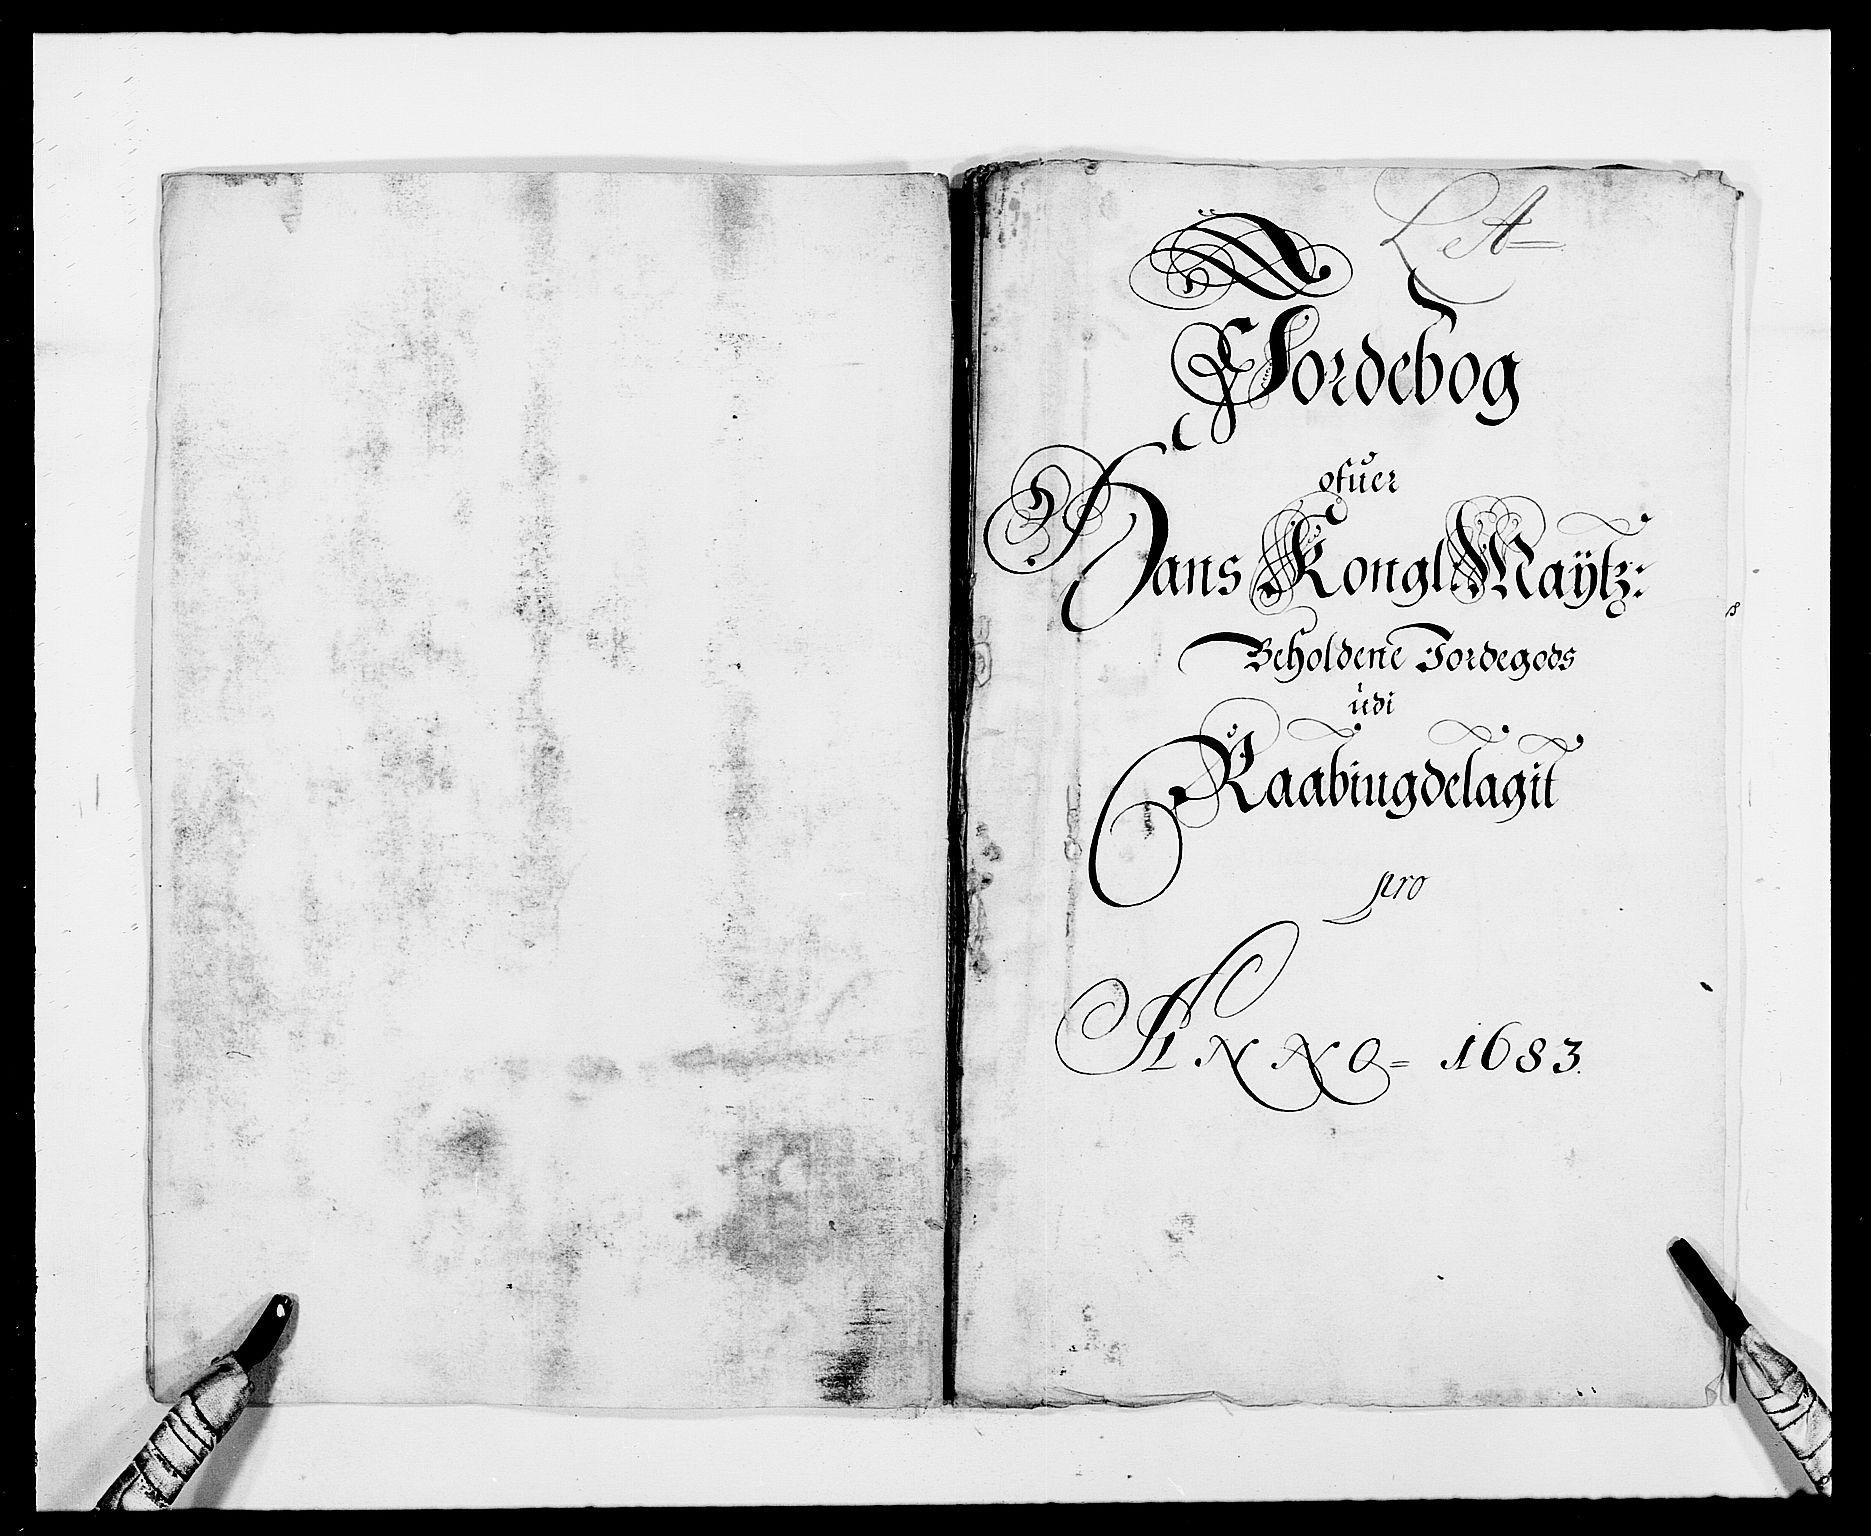 RA, Rentekammeret inntil 1814, Reviderte regnskaper, Fogderegnskap, R40/L2438: Fogderegnskap Råbyggelag, 1682-1683, s. 166